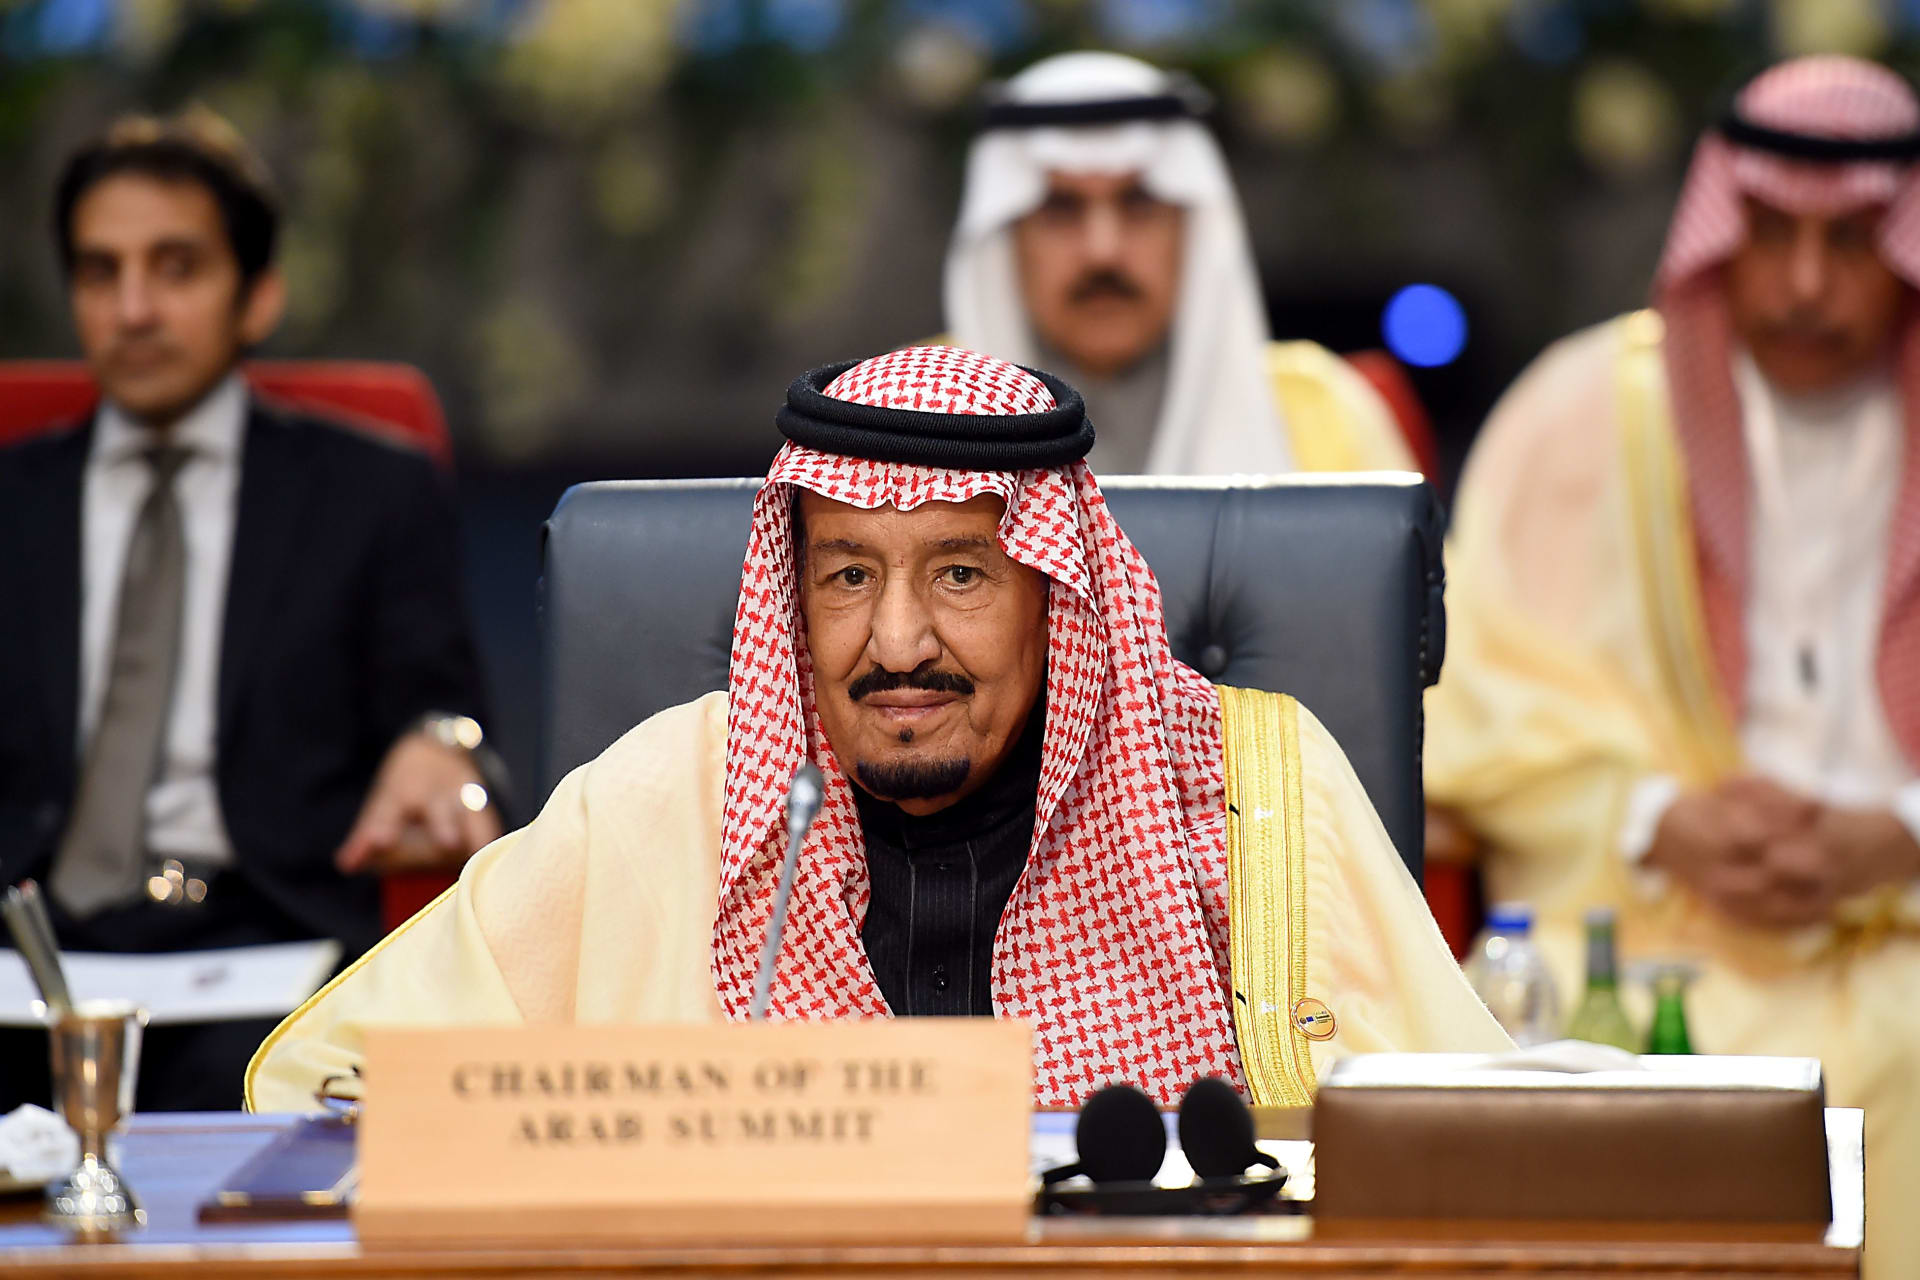 الملك سلمان يبرز أهمية العمل على مكافحة تمويل الإرهاب وغسيل الأموال